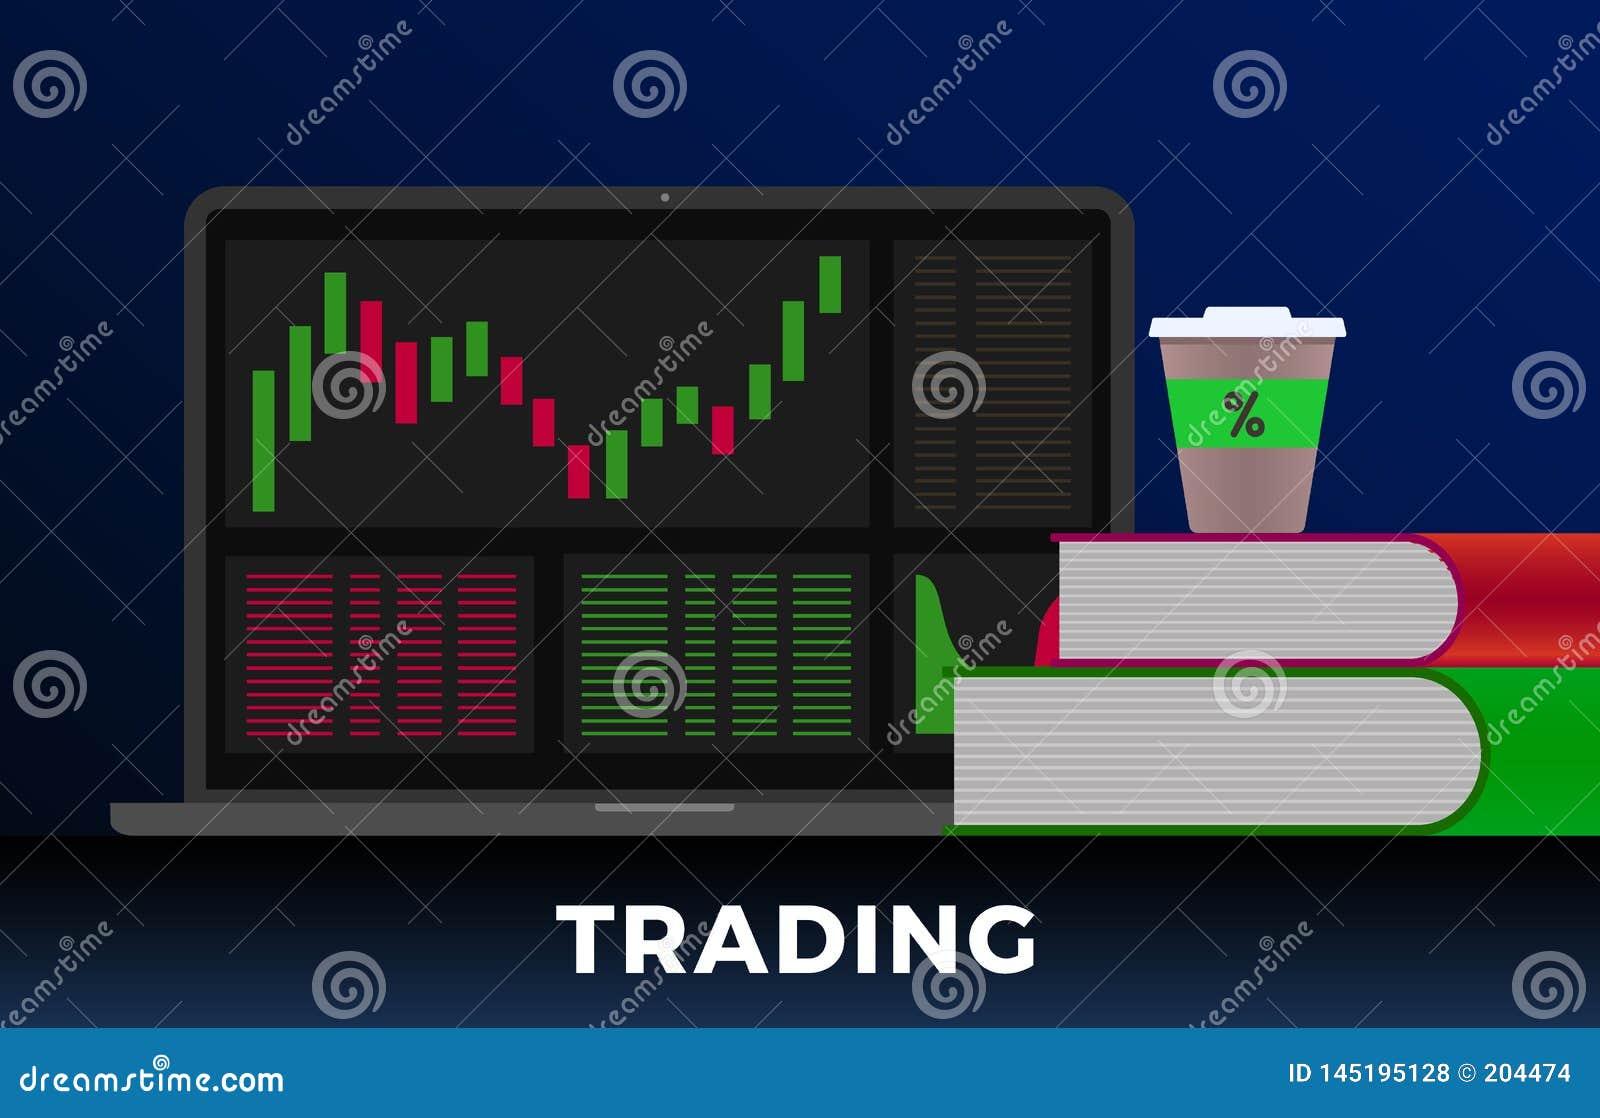 trading cryptocurrency vs stocks